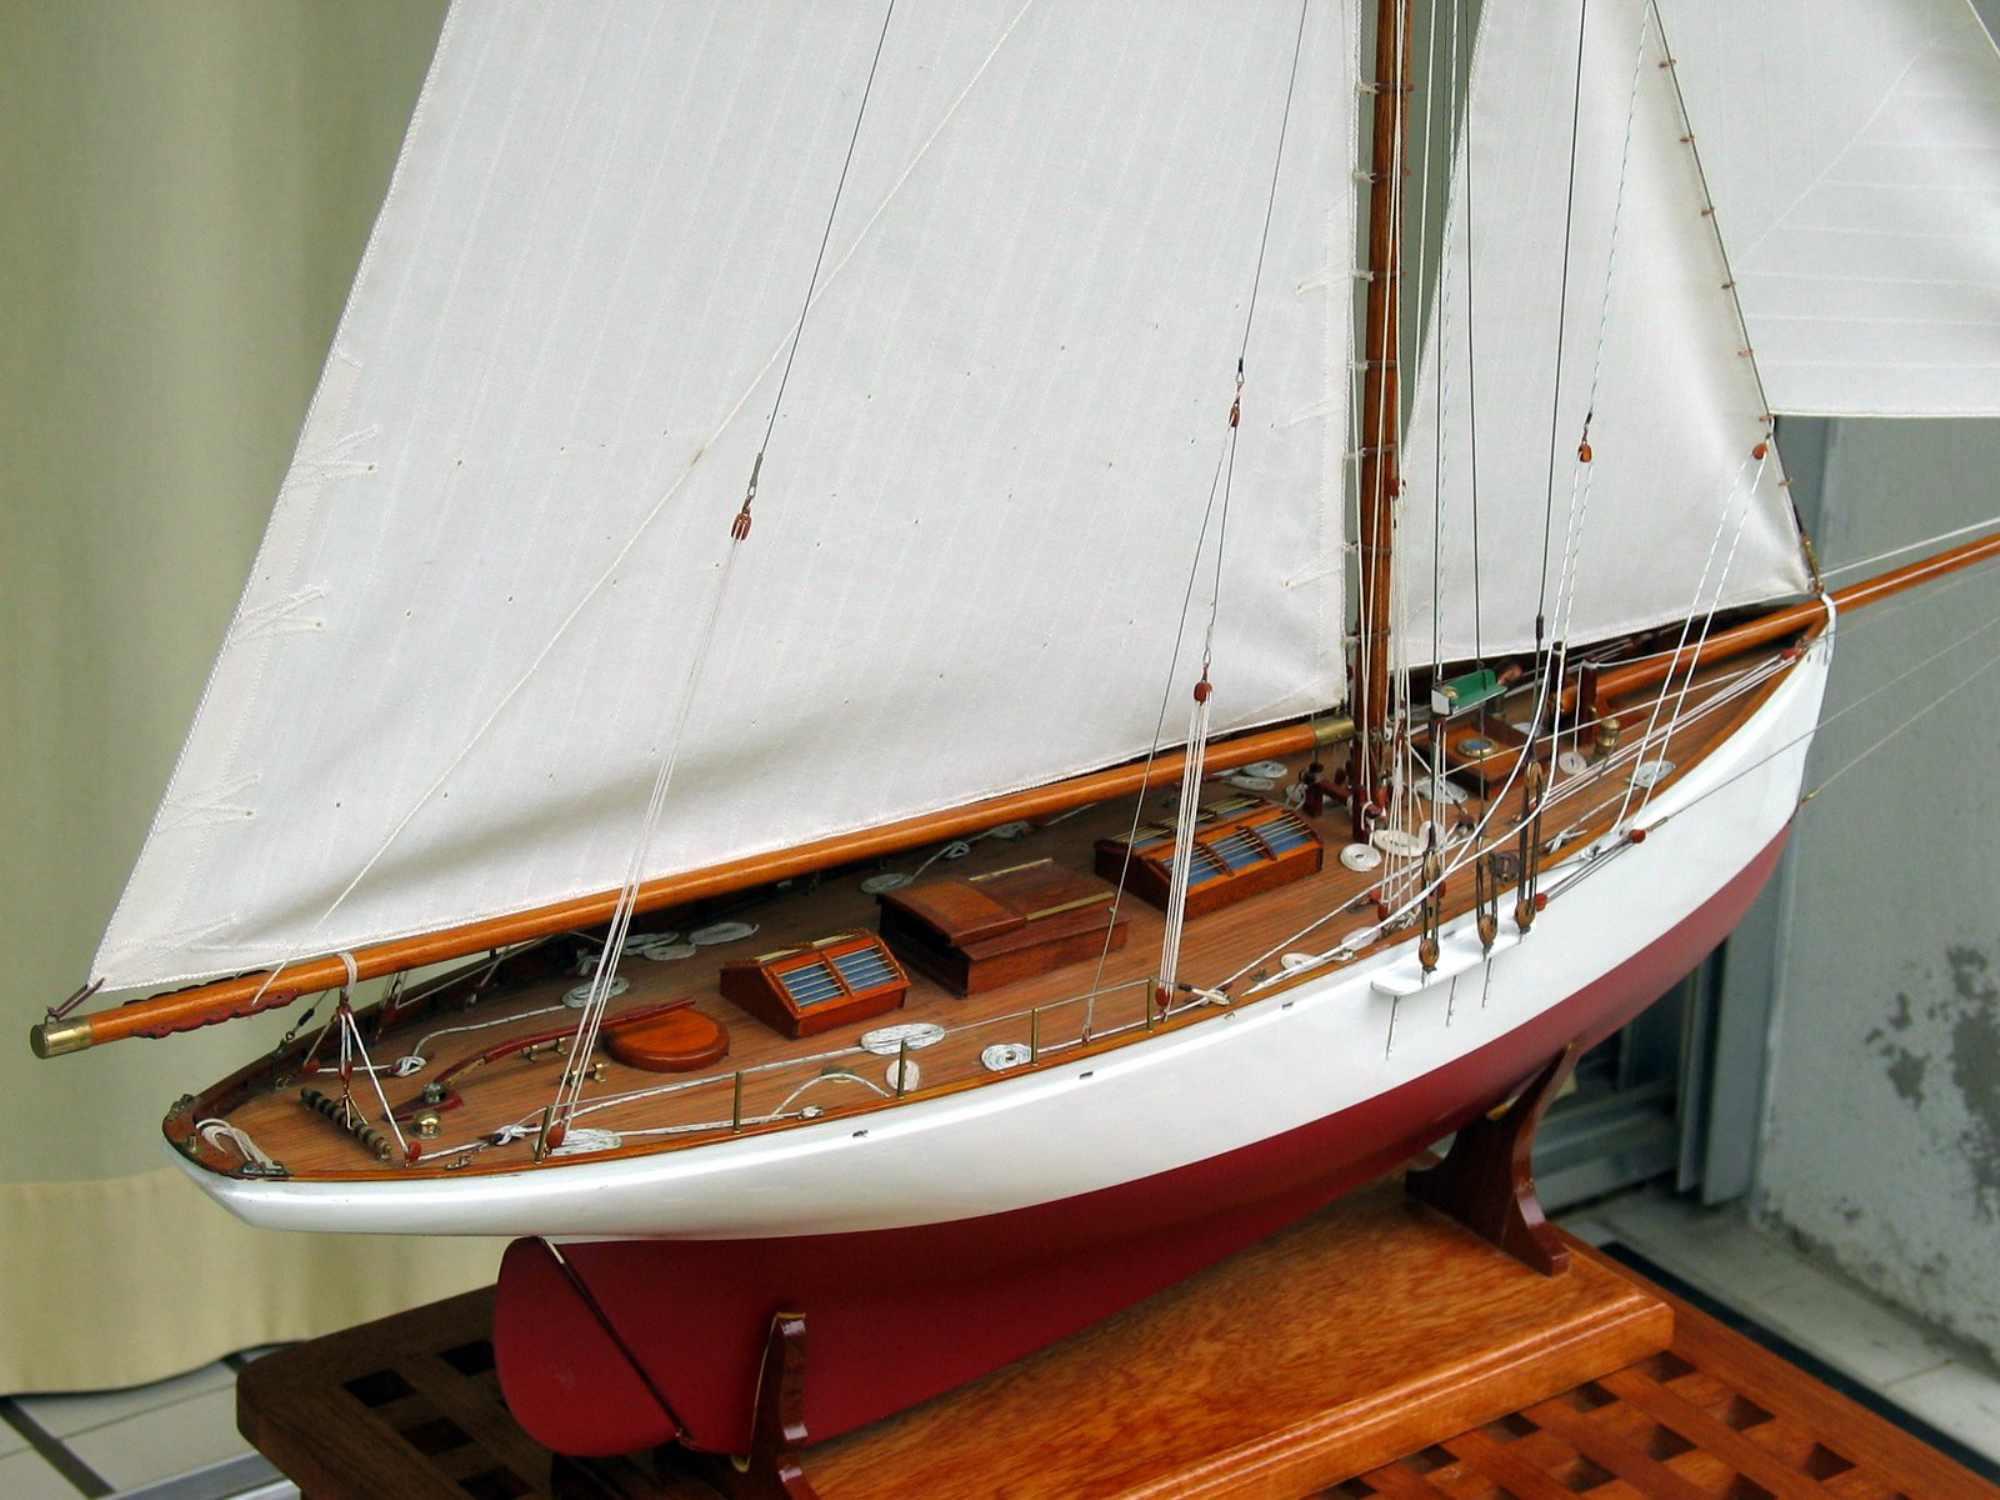 Maquette de Partridge  Bateau Yacht classique Voilier